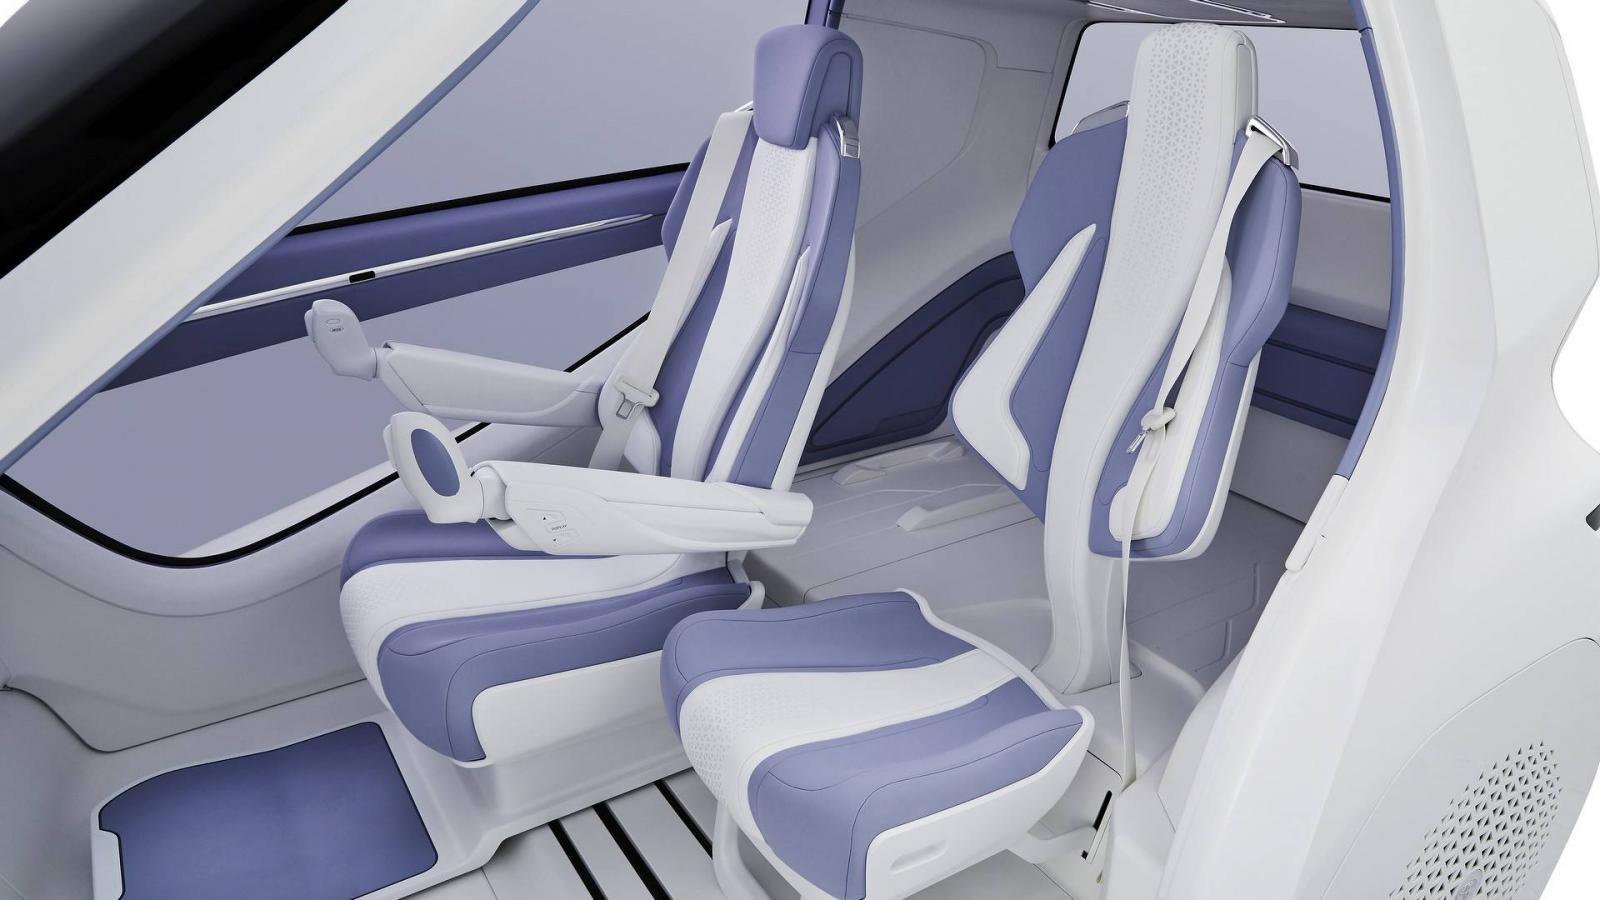 Тоёта представила электромобиль для людей сограниченными возможностями